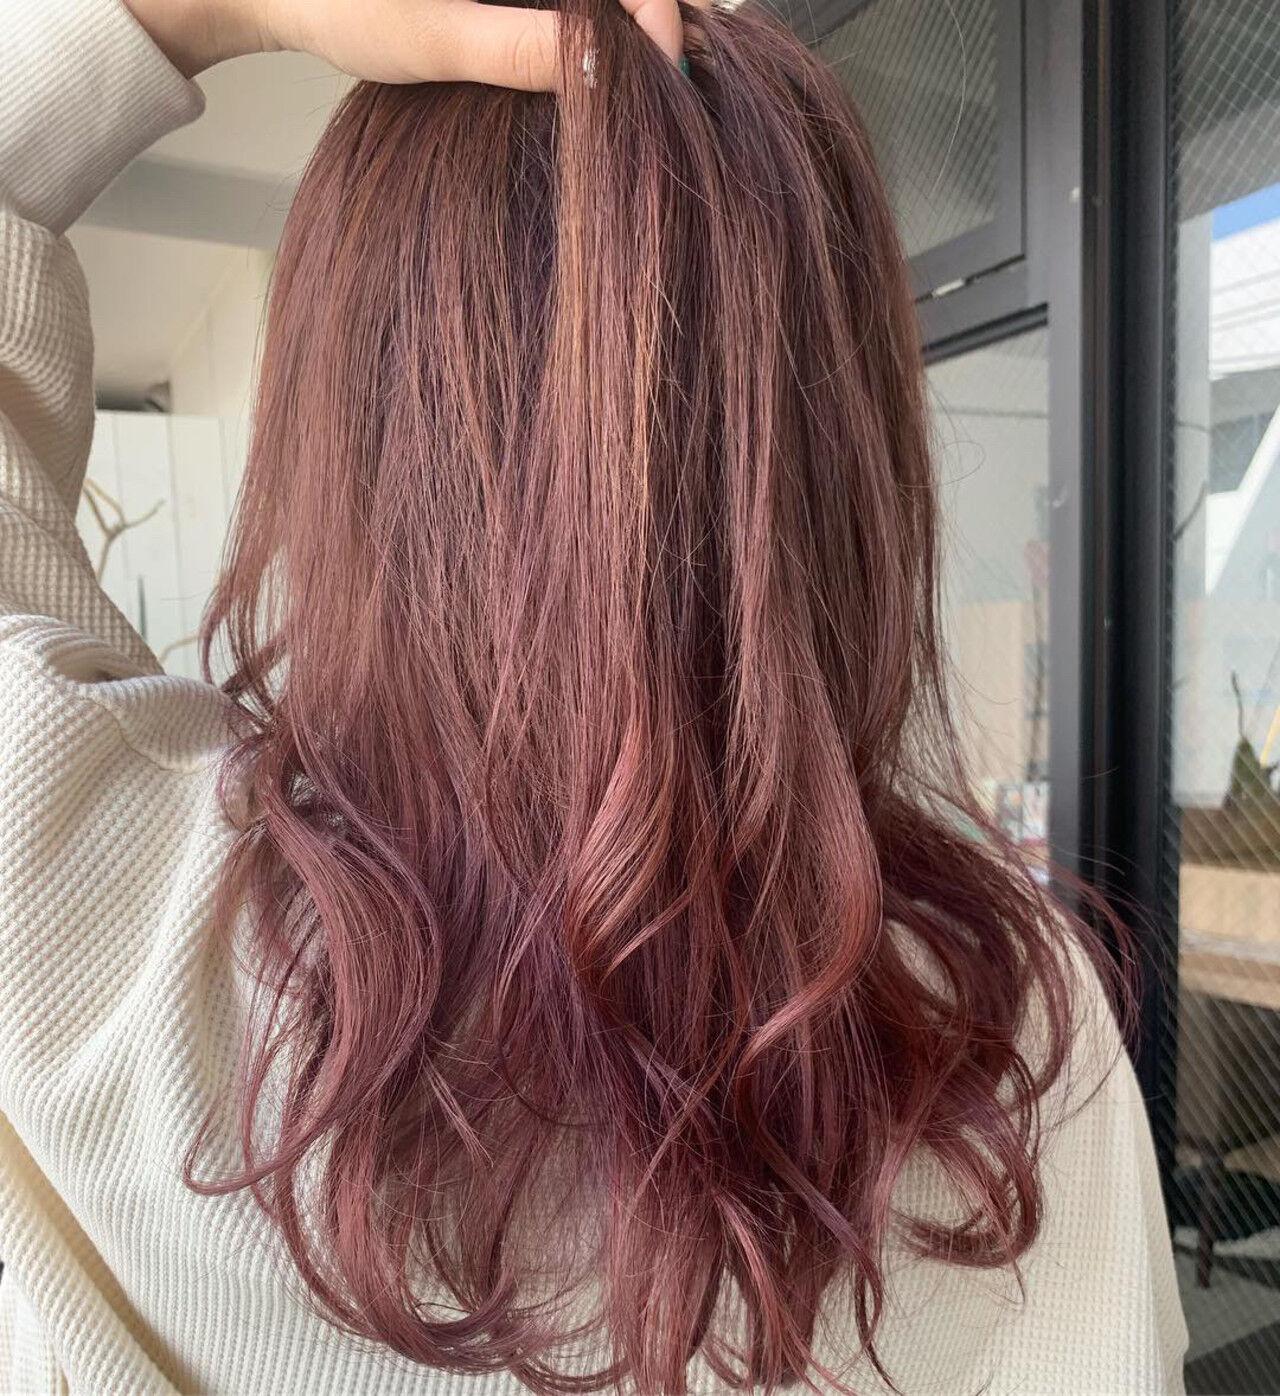 エレガント ラベンダーピンク アンニュイほつれヘア ラズベリーピンクヘアスタイルや髪型の写真・画像